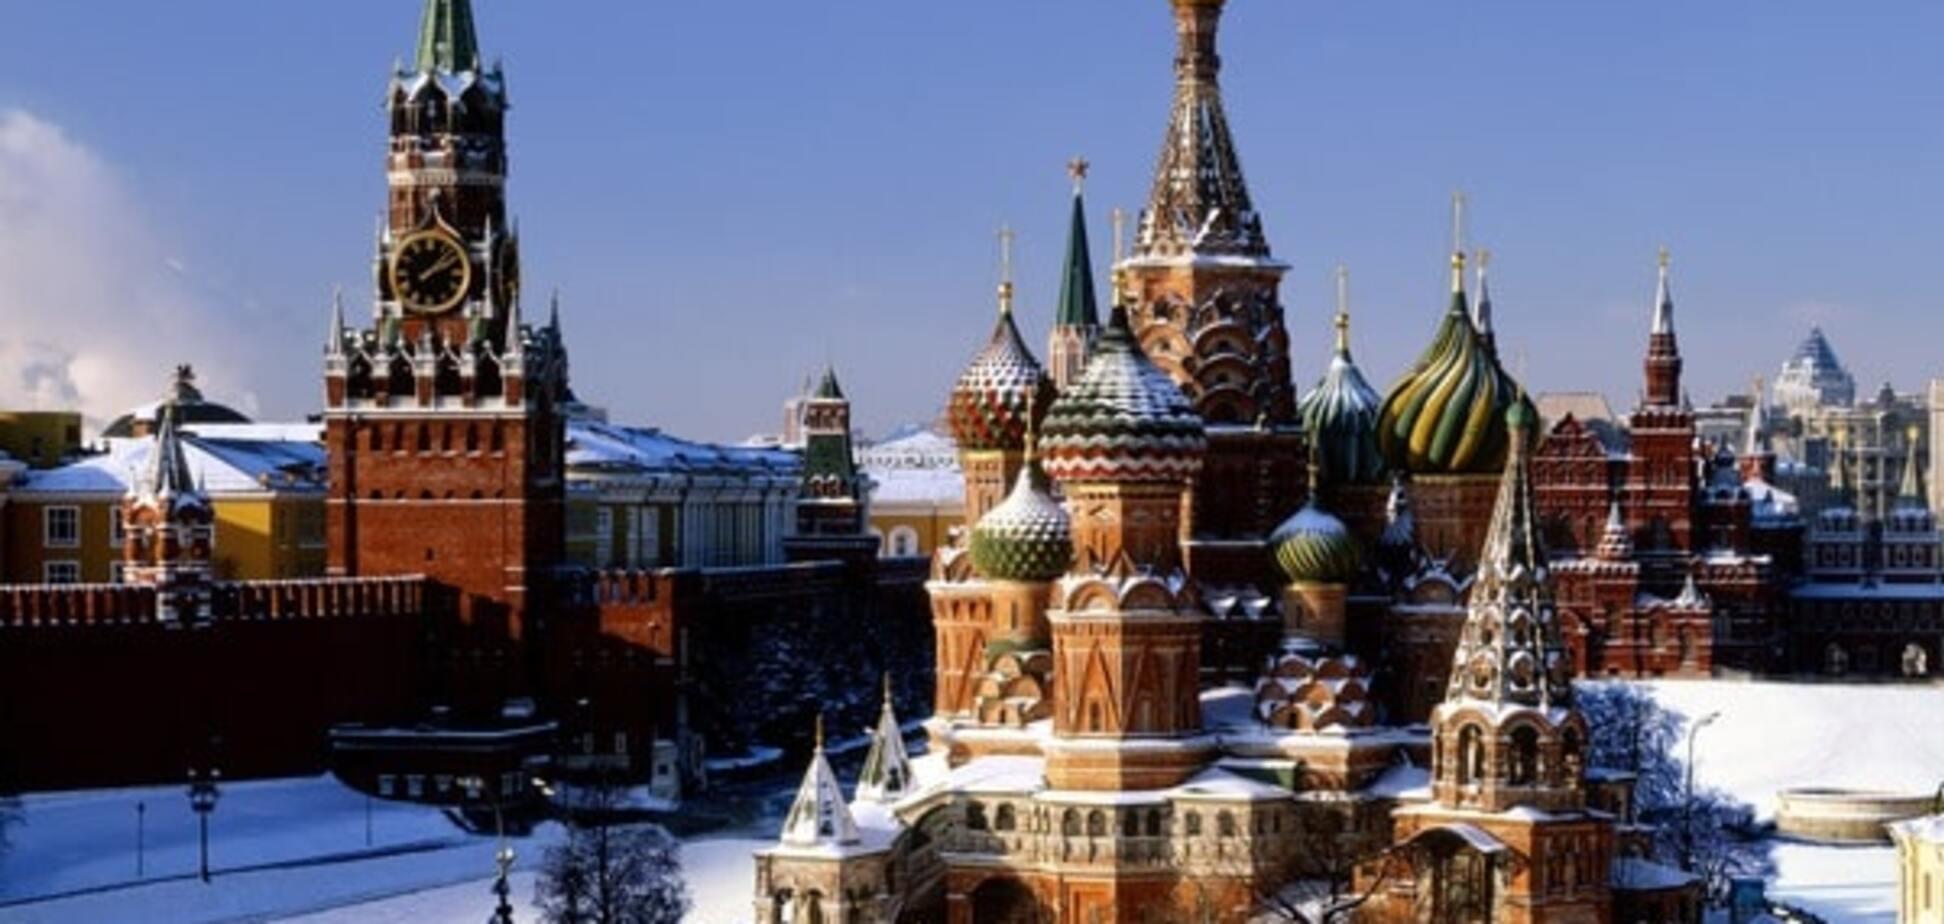 Впустите домой: китаец попытался прорваться в Кремль